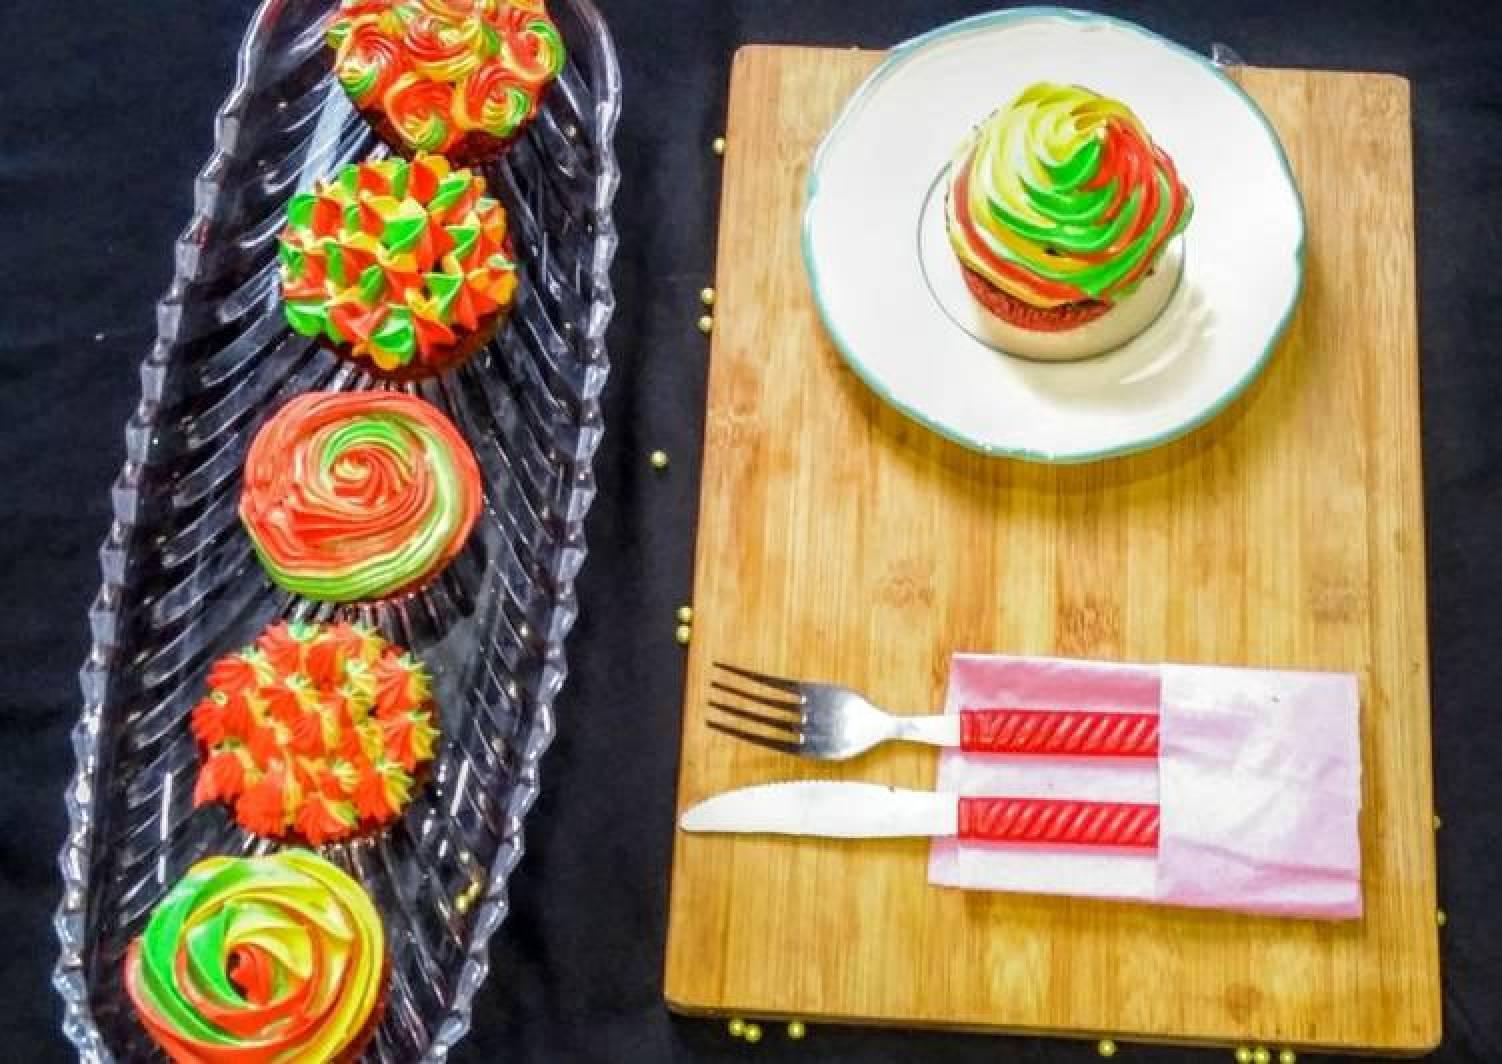 3 colour Cupcakes